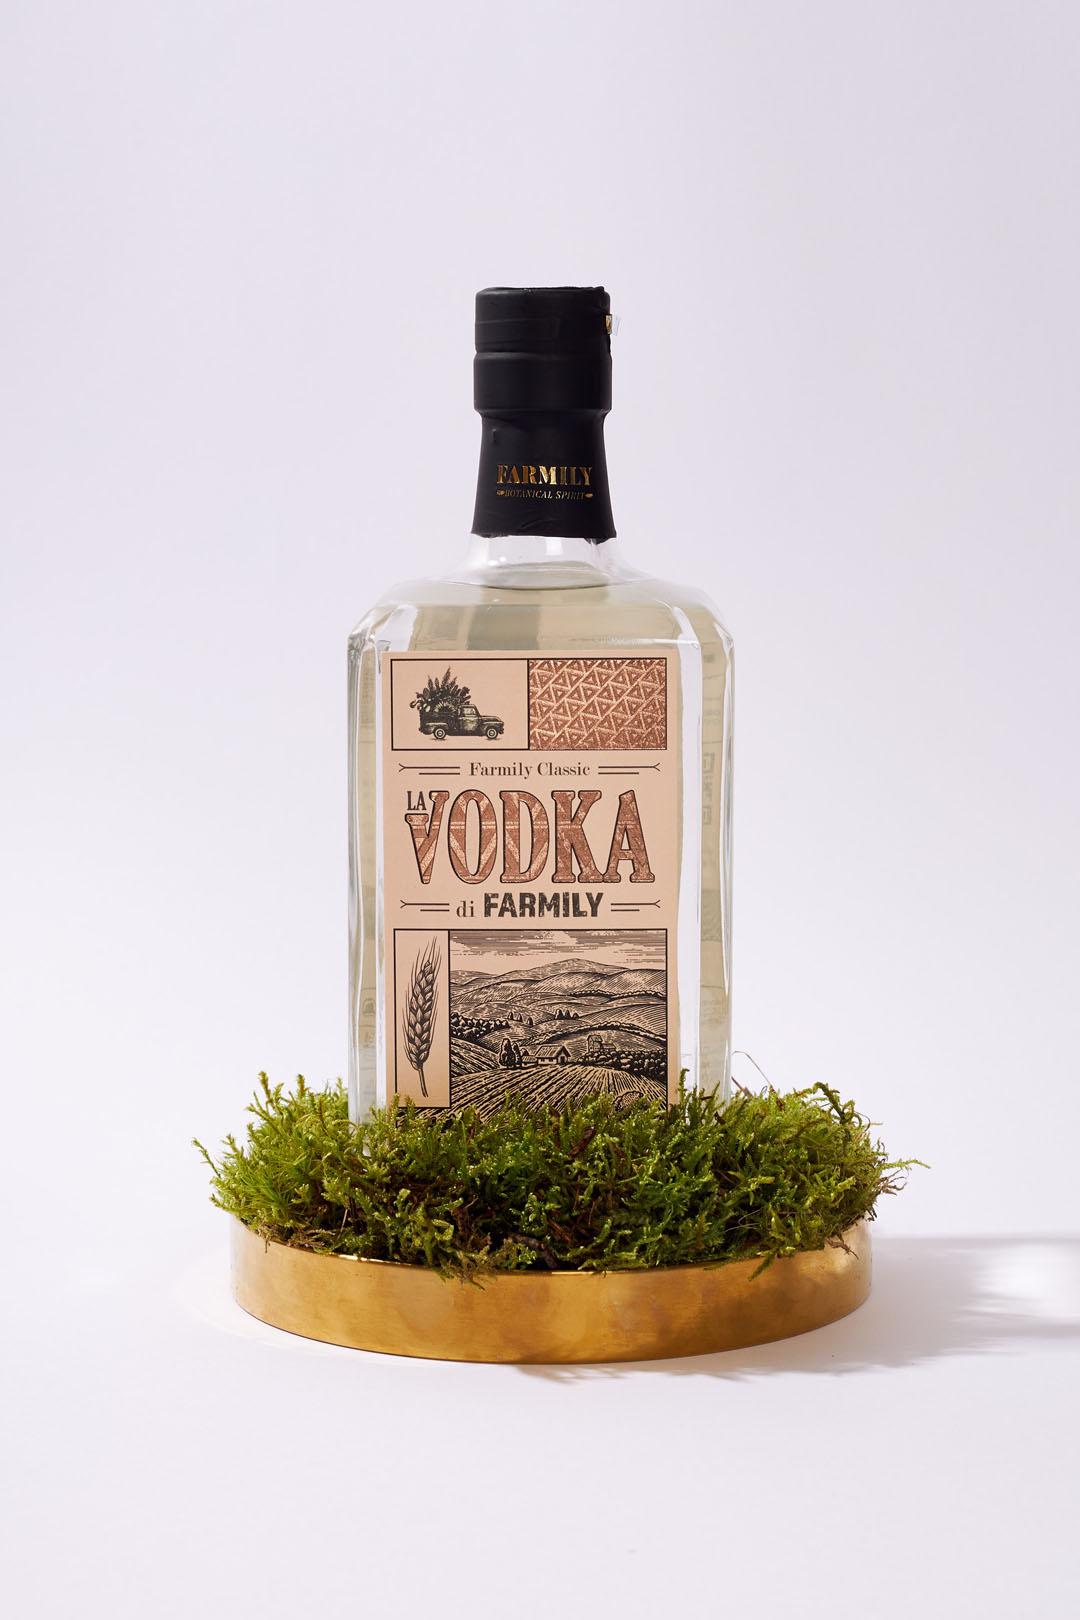 La nuova vodka di Farmily